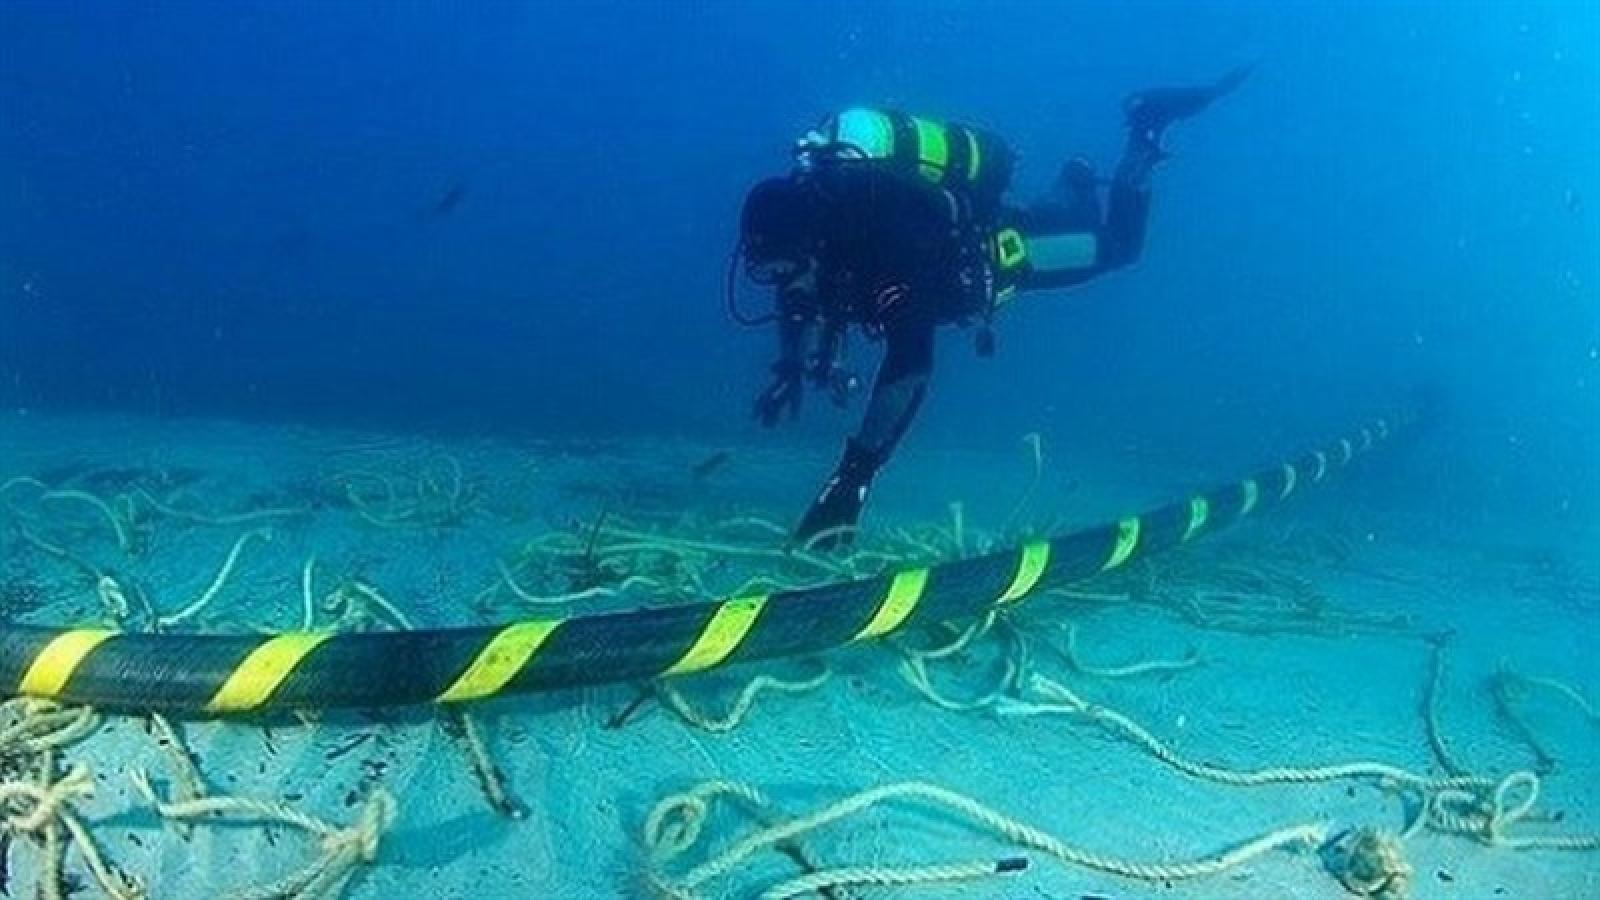 Cáp AAE-1 gặp sự cố, nhà mạng gấp rút bù dung lượng phục vụ kết nối mùa dịch